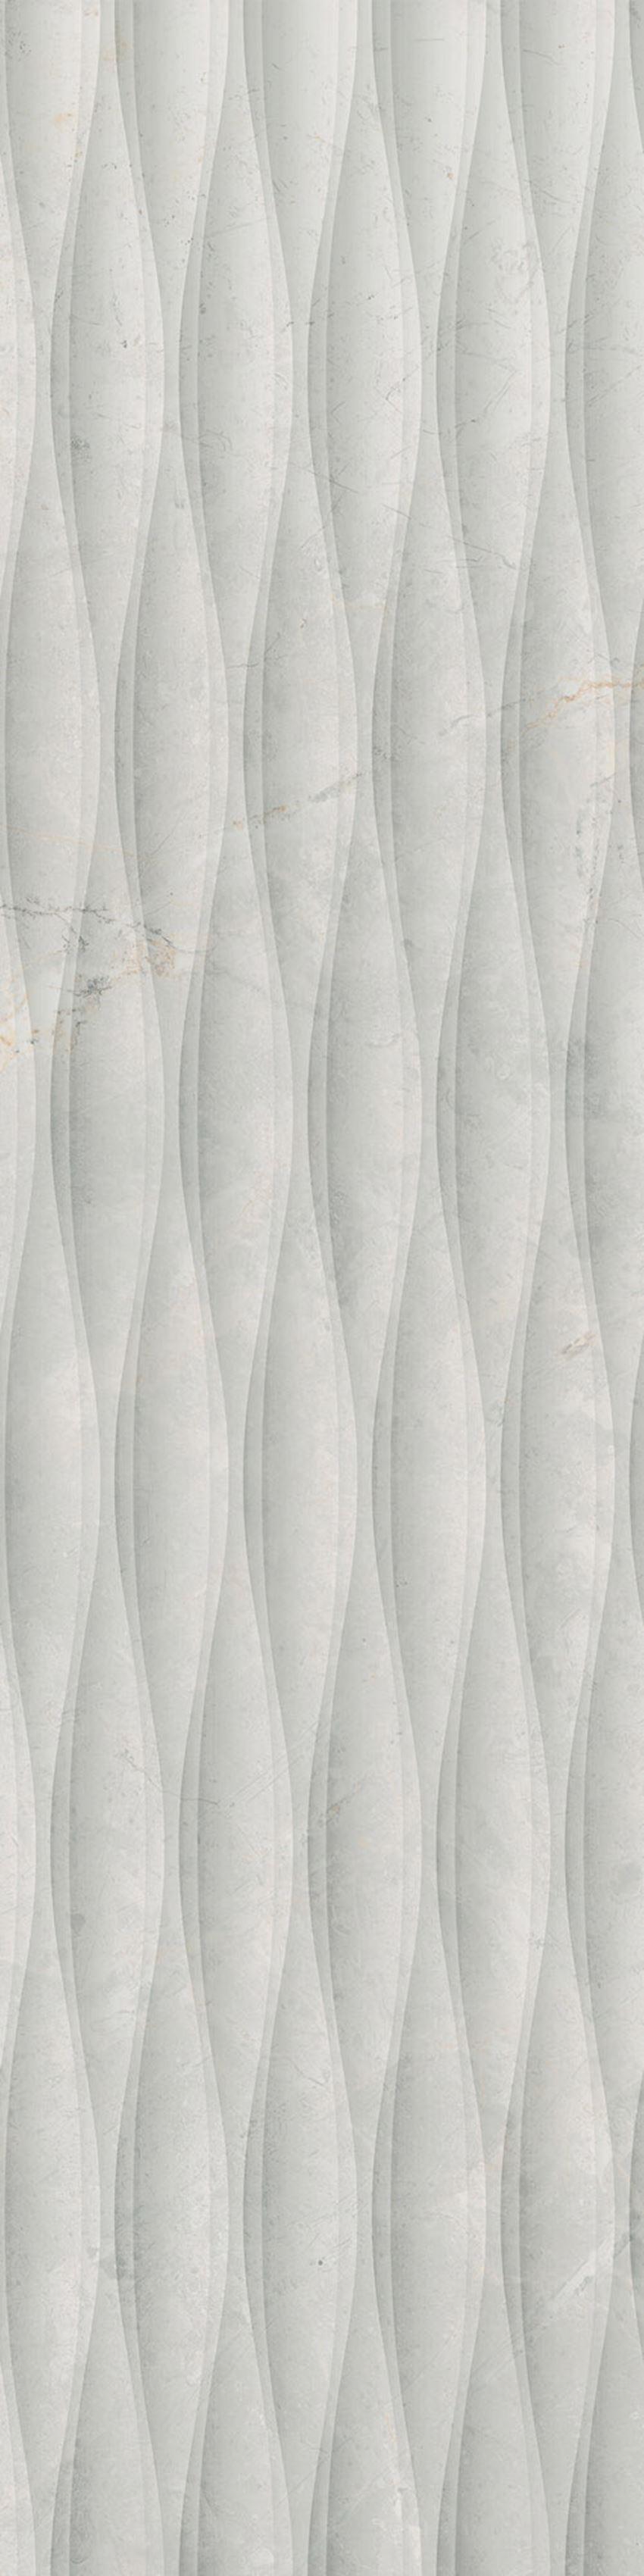 Płytka dekoracyjna  29,7x119,7 cm Cerrad Masterstone White Decor waves MAT